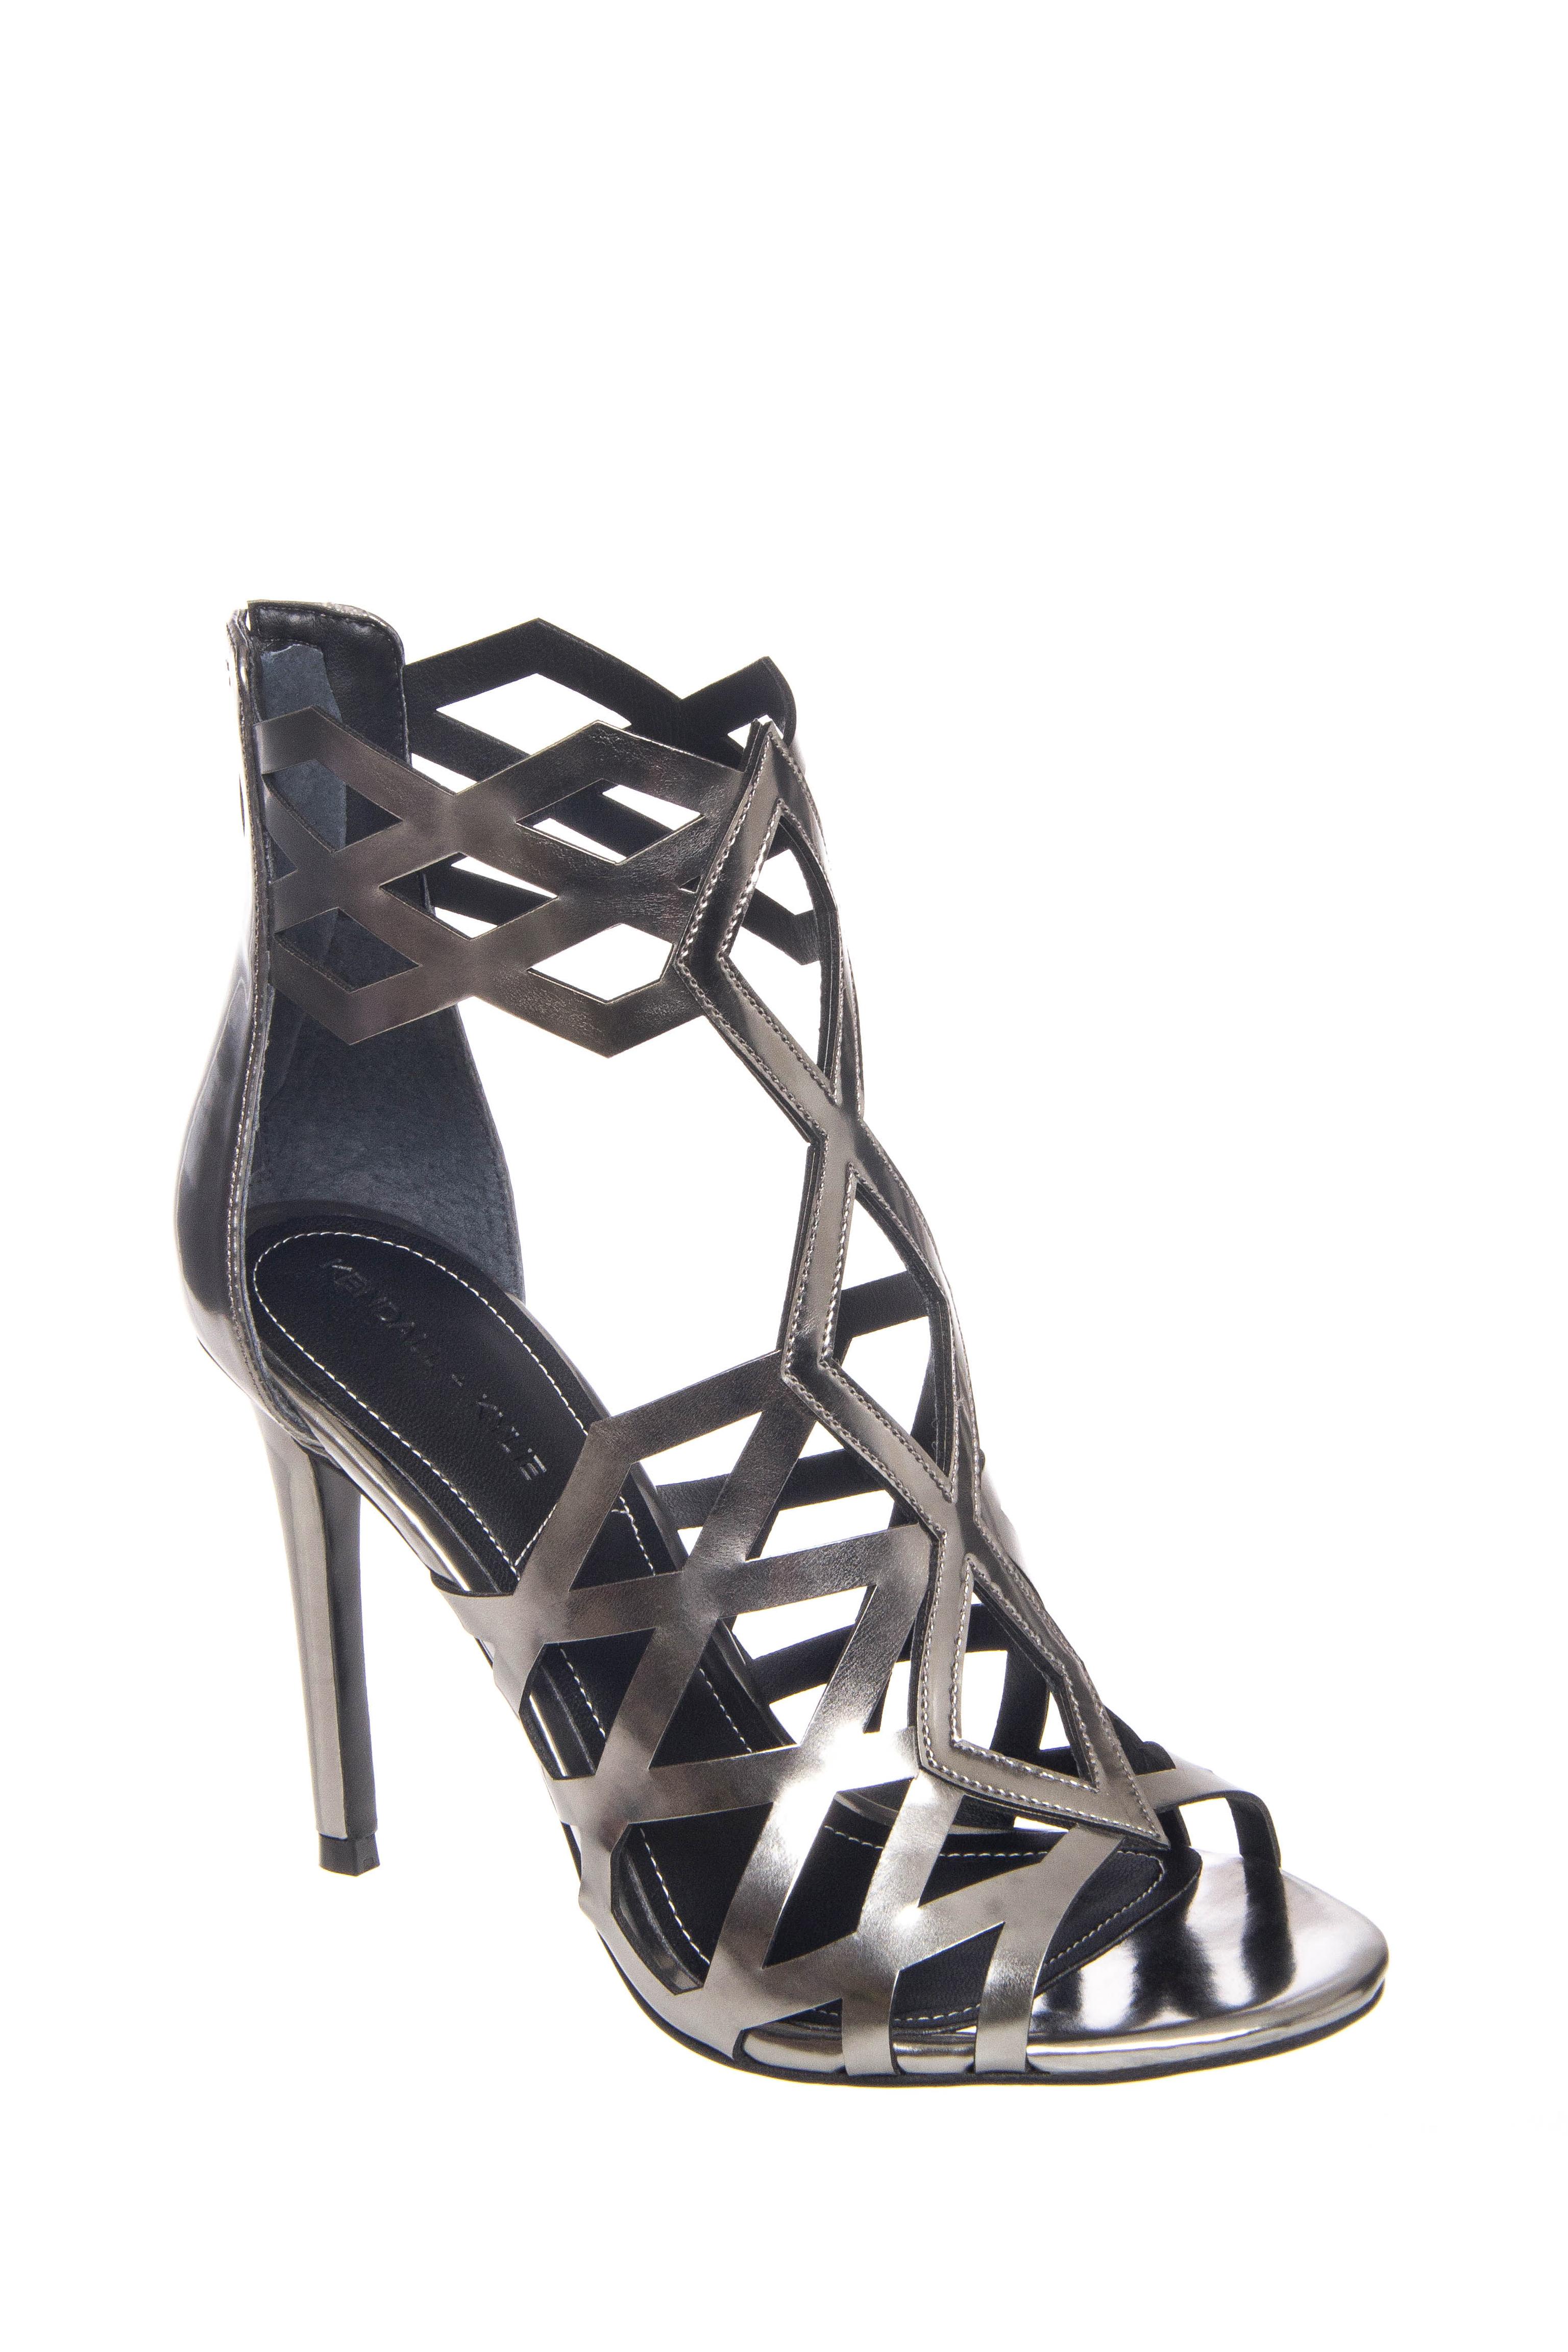 Kendall + Kylie Elena 2 High Heel Sandals